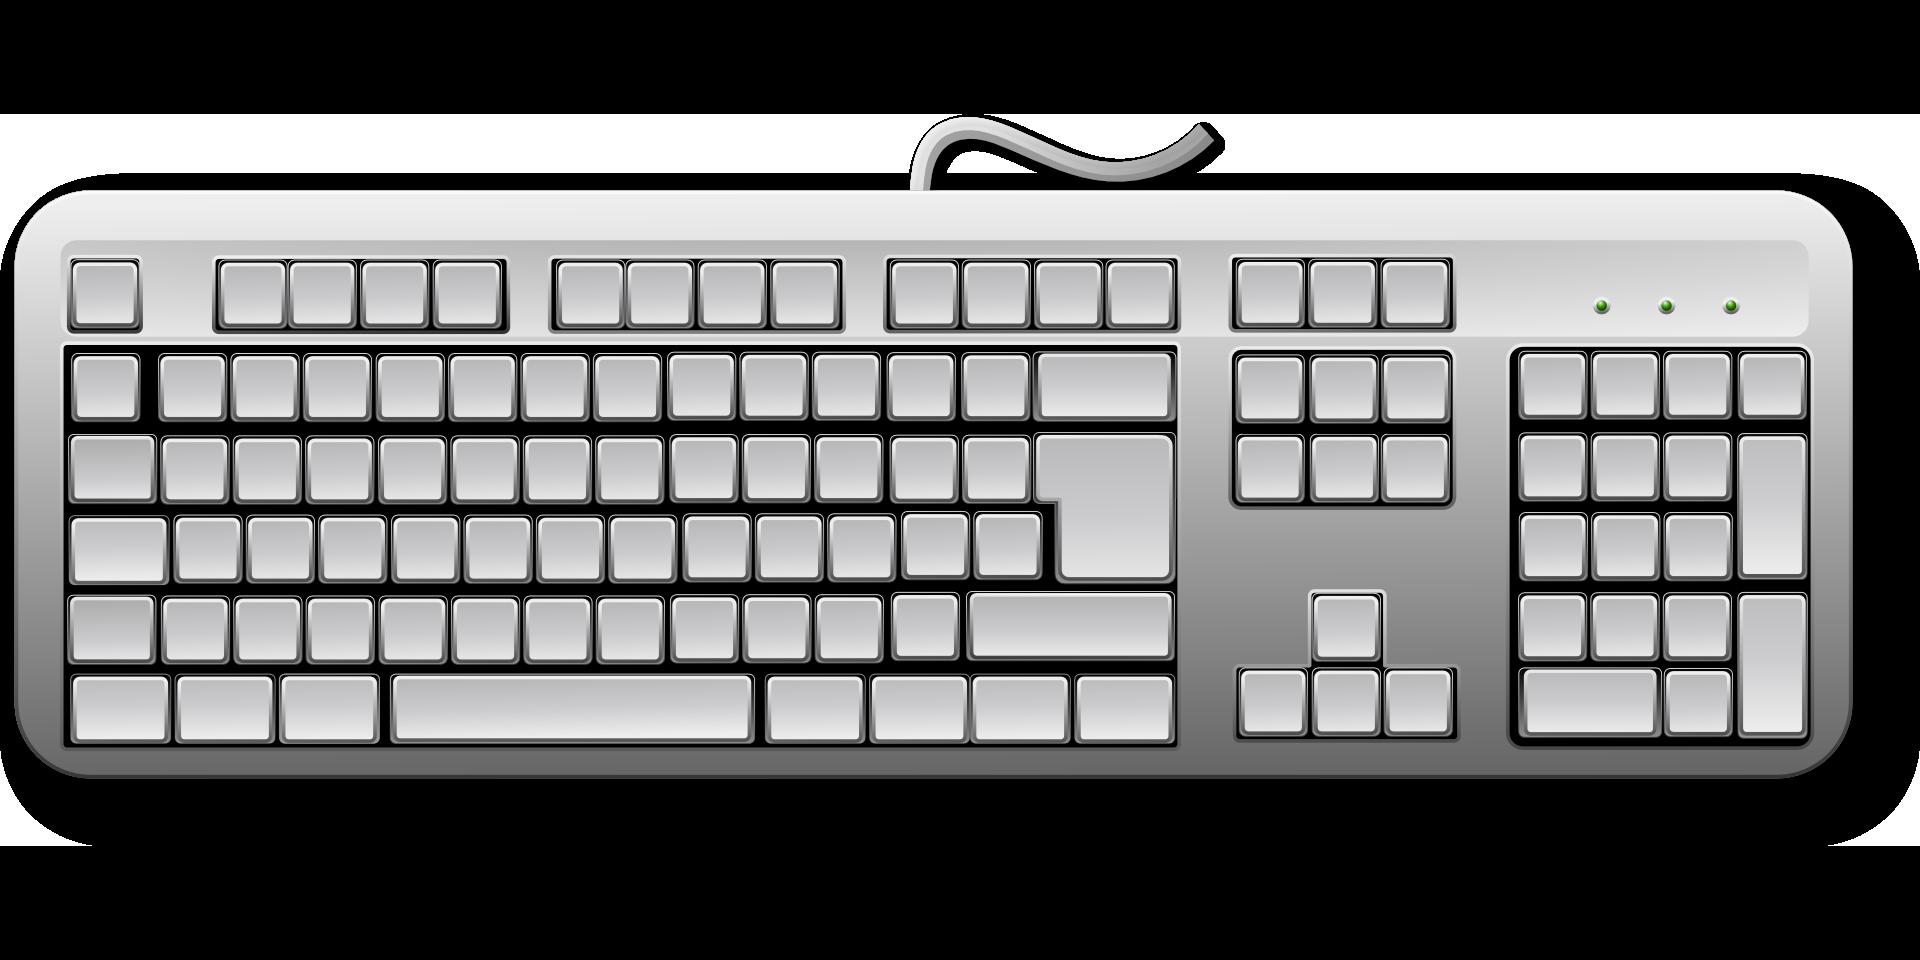 Keyboard Keys Computer Hardware Black White Drawing Free Image